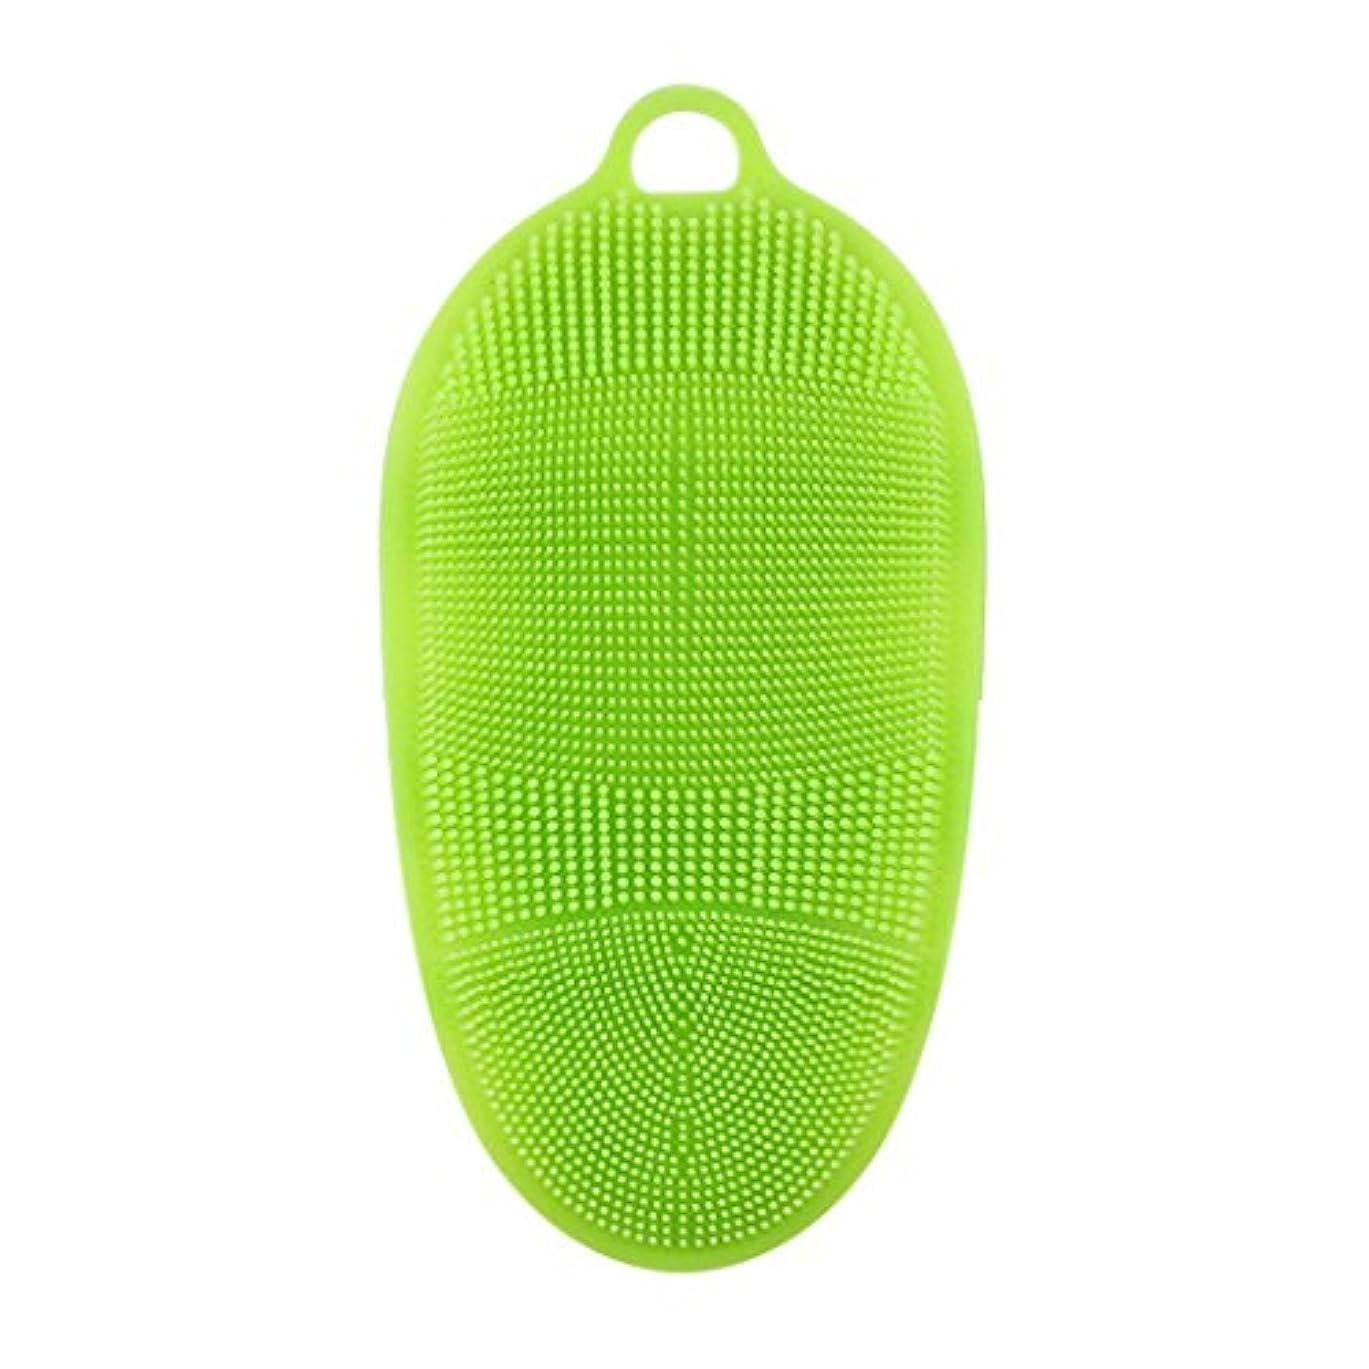 撤回する買い物に行く結論Kapmore シリコンブラシ ウォッシュ ボディブラシ 多機能 マッサージ シャワー 肌にやさしい 垢擦り 体洗い 風呂 フットケア 4色選択可能 衛生 角質取り 毛穴清潔 泡立ち (グリーン)